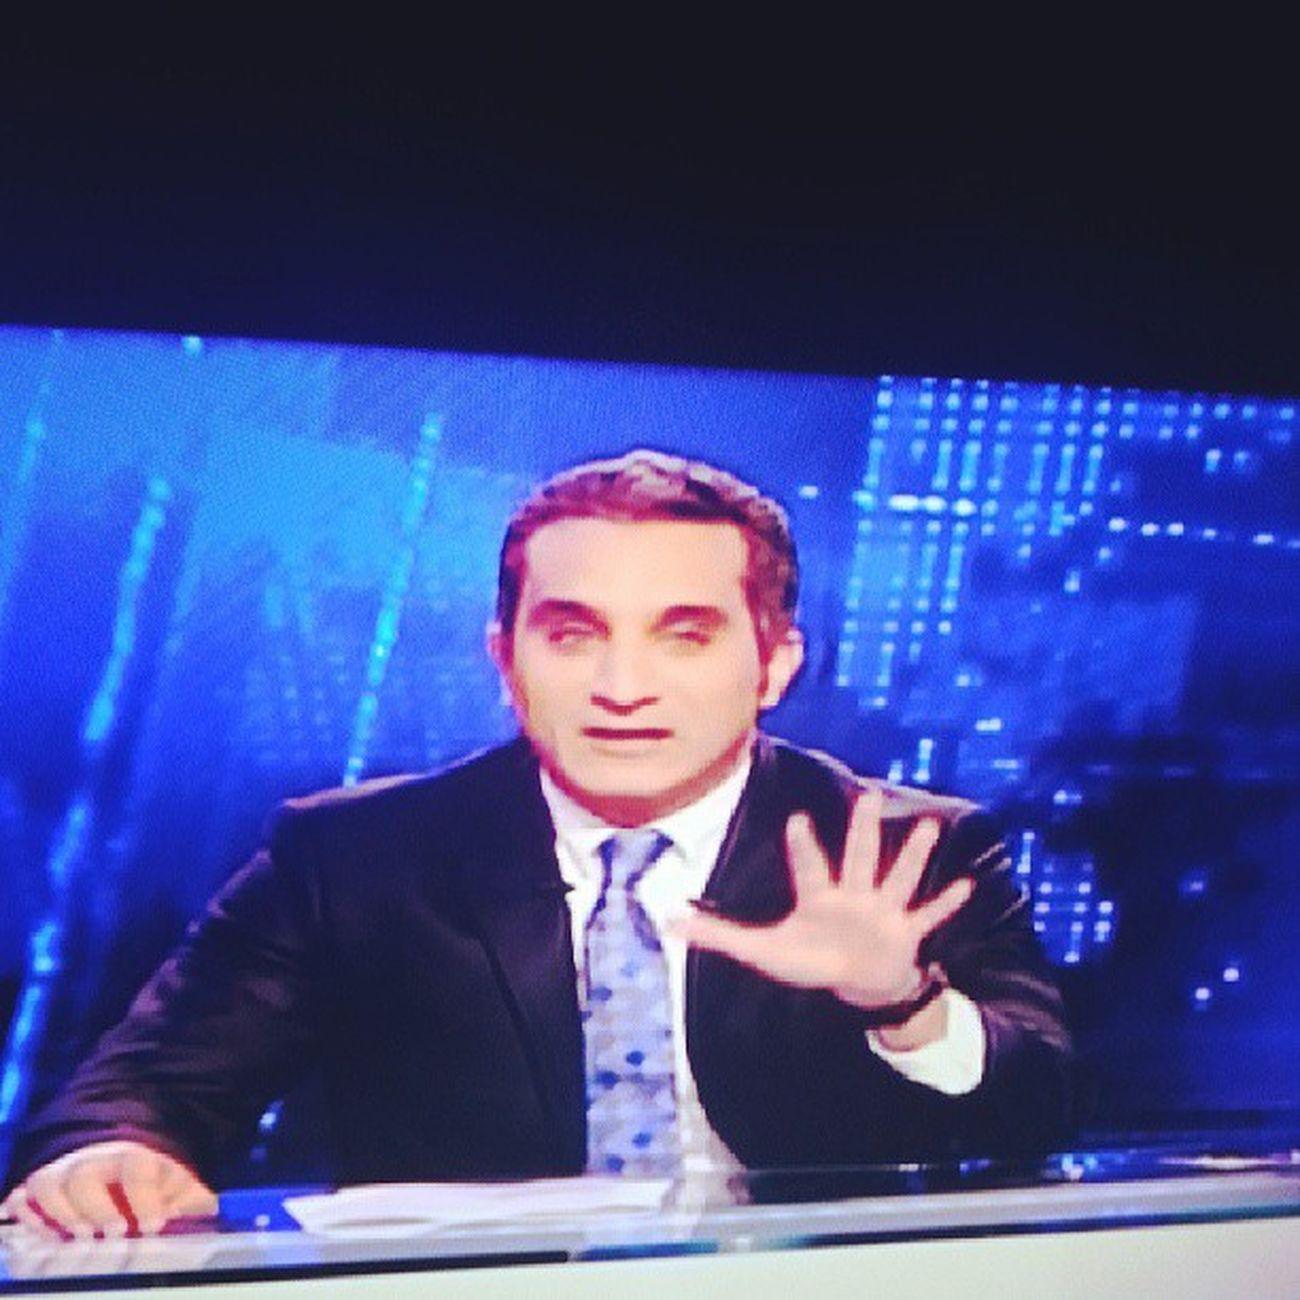 It's on Bassem Yossef Elbernameg